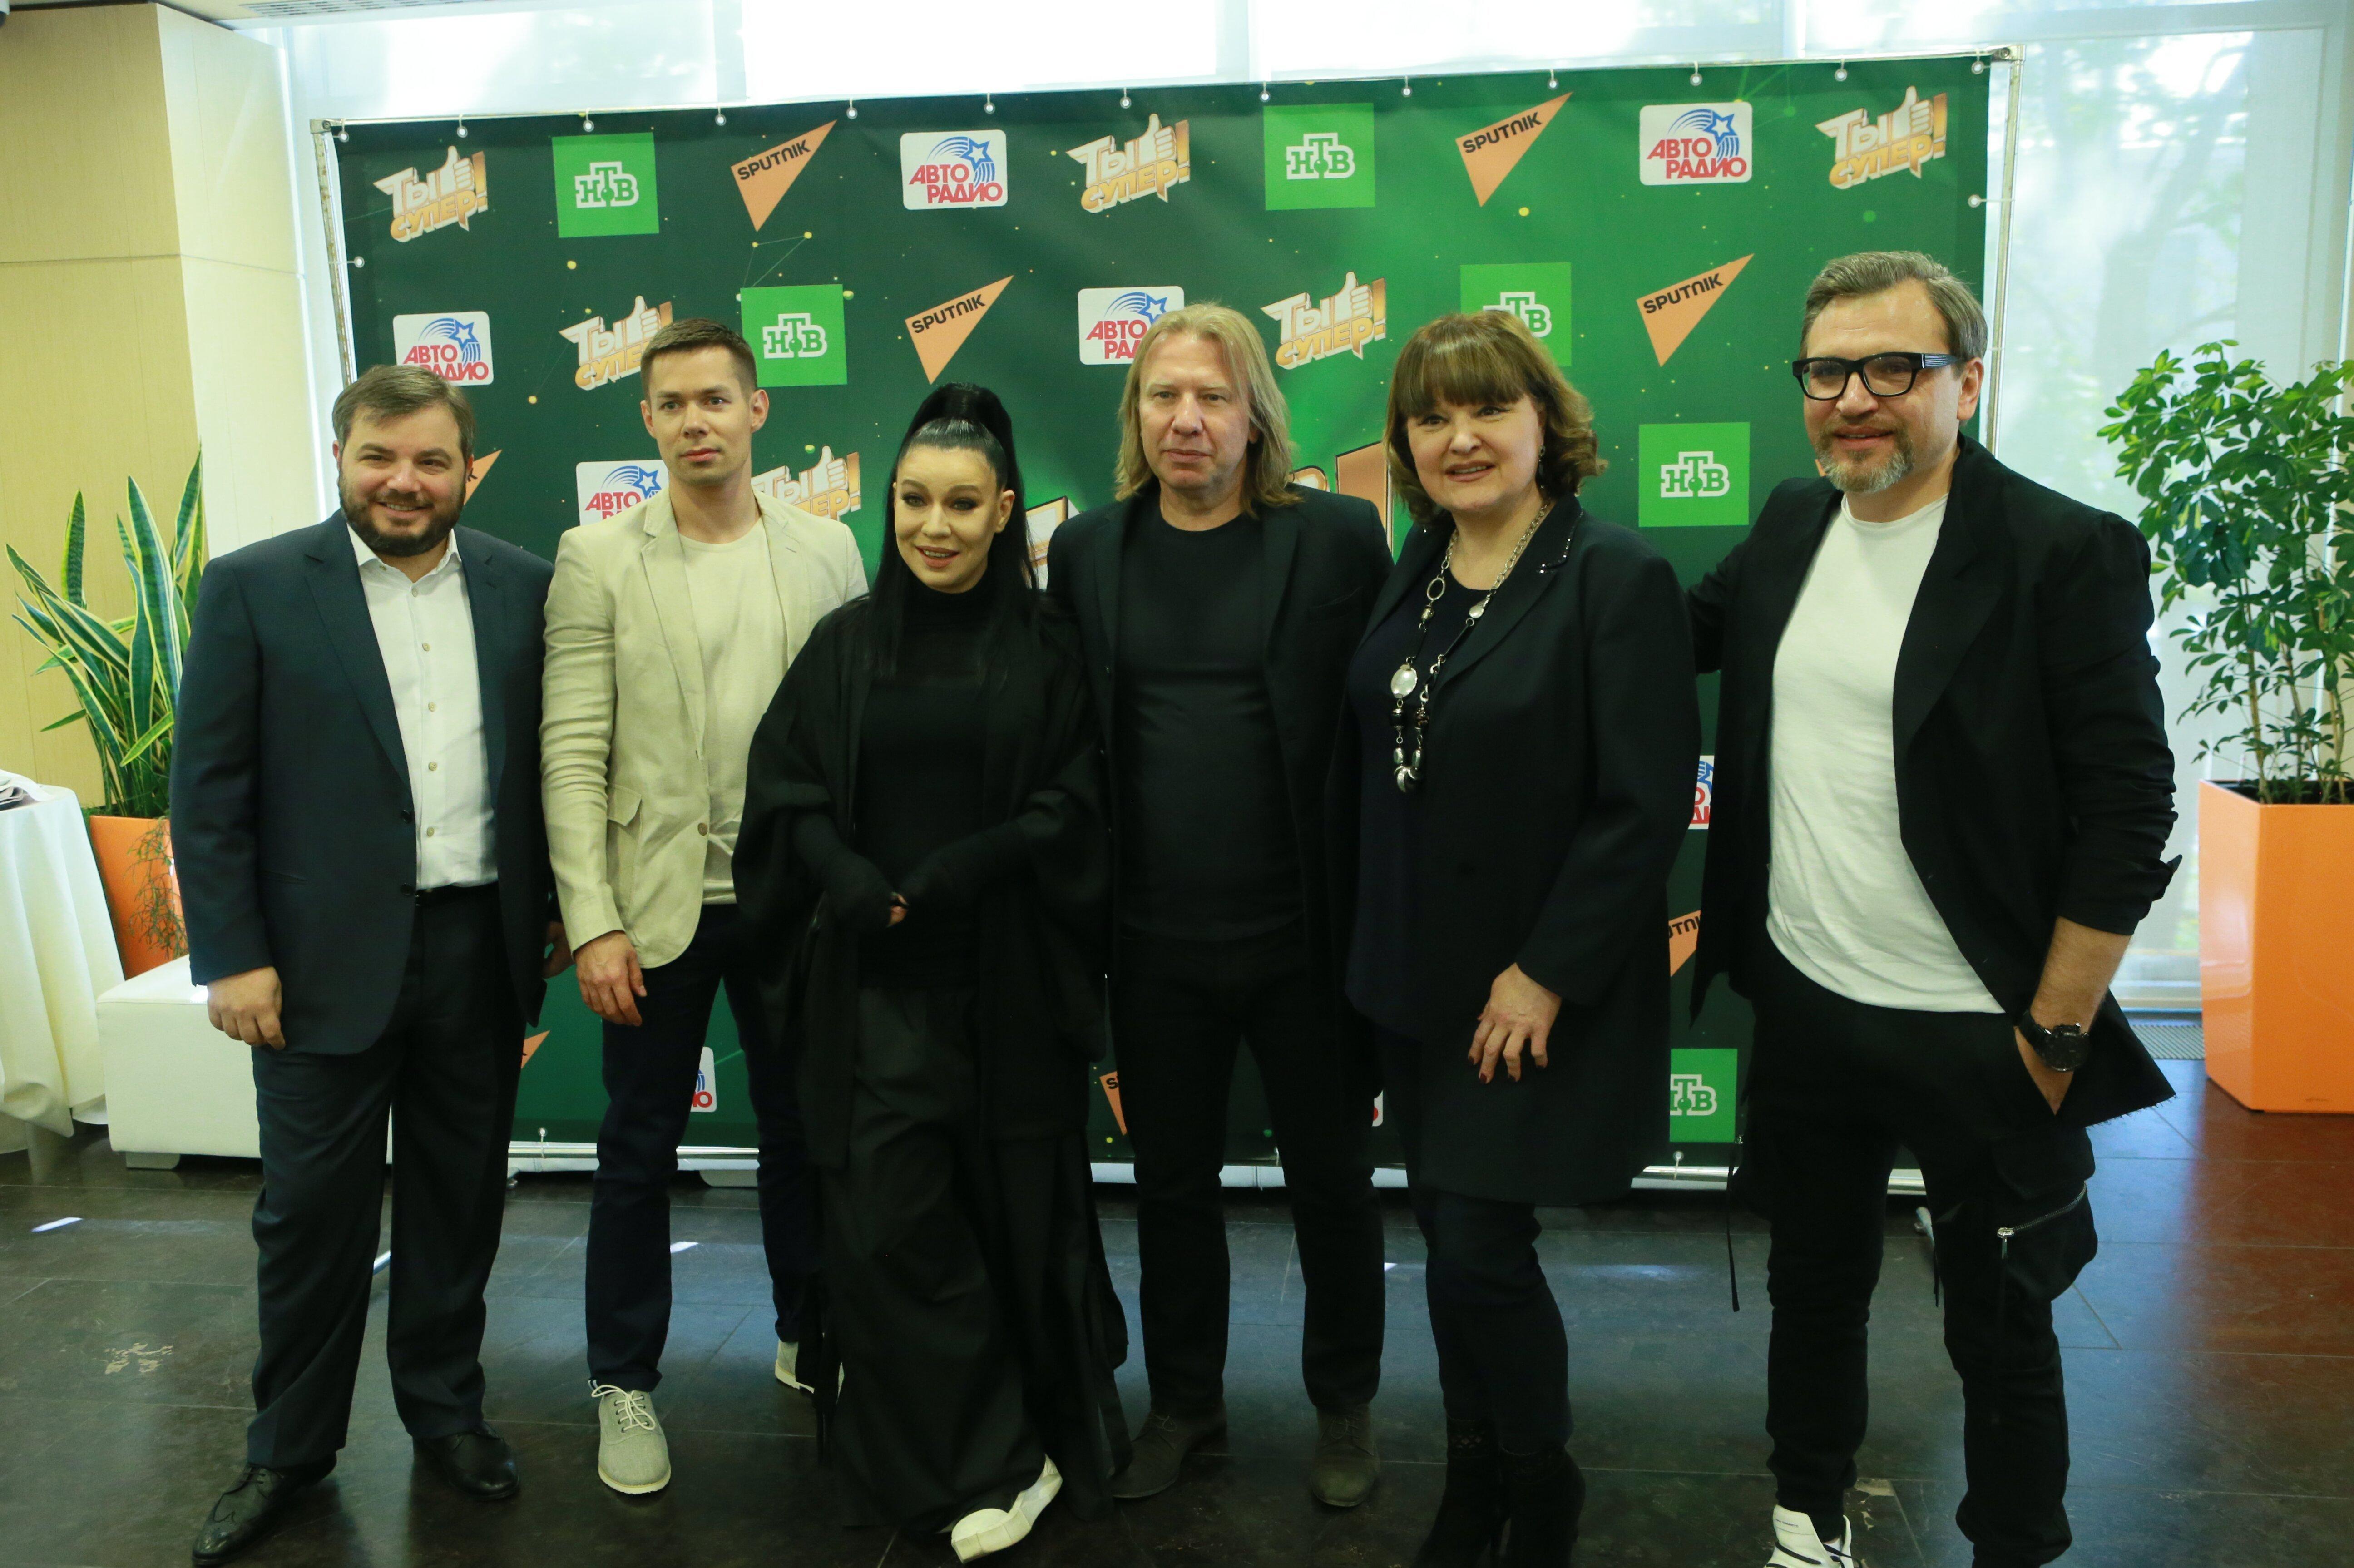 Пресс-конференция финалистов, членов жюри и организаторов шоу Ты-супер!